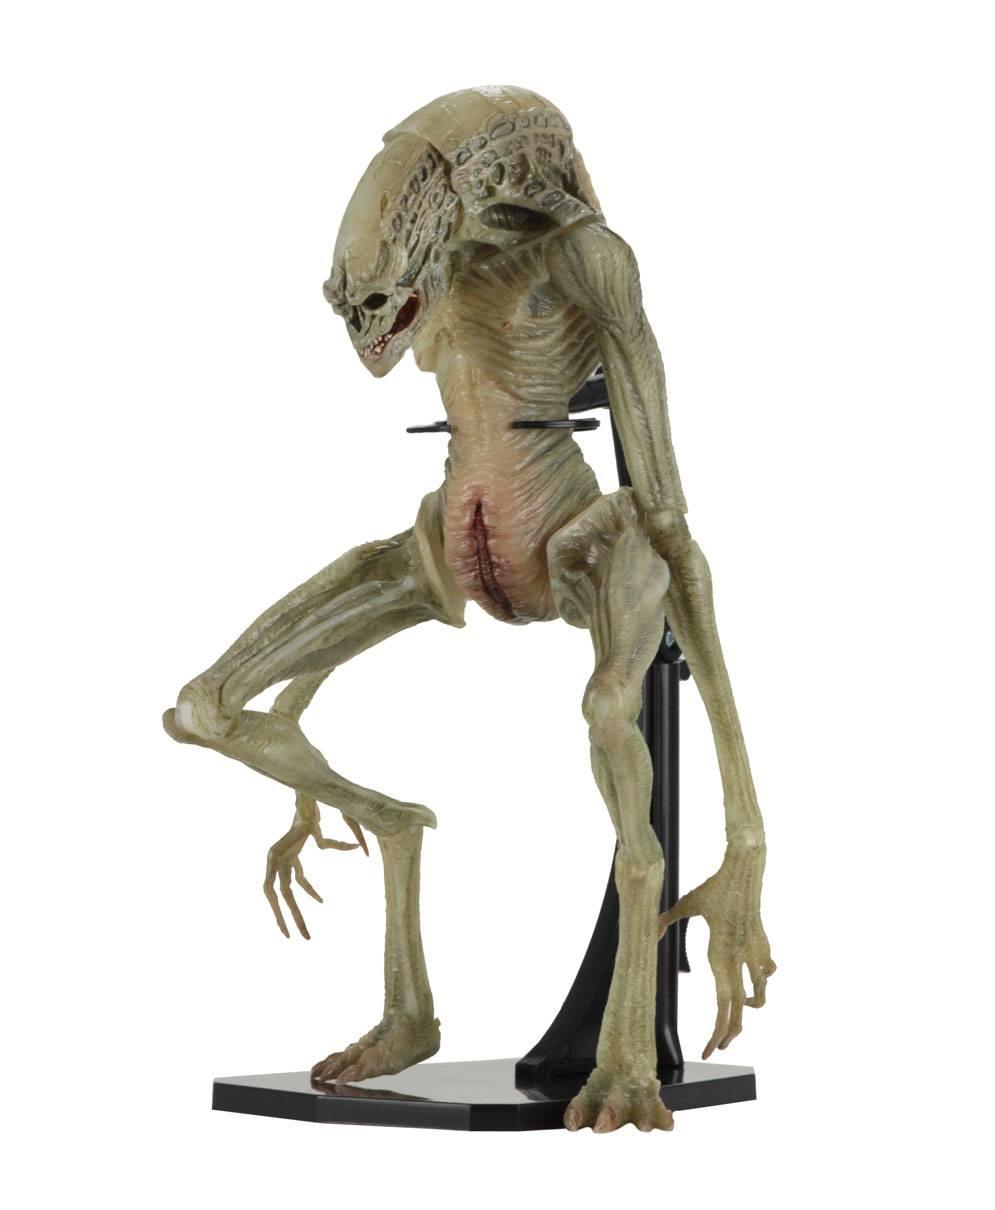 Alien Resurrection Deluxe Newborn NECA  7 inch Scale Action figure